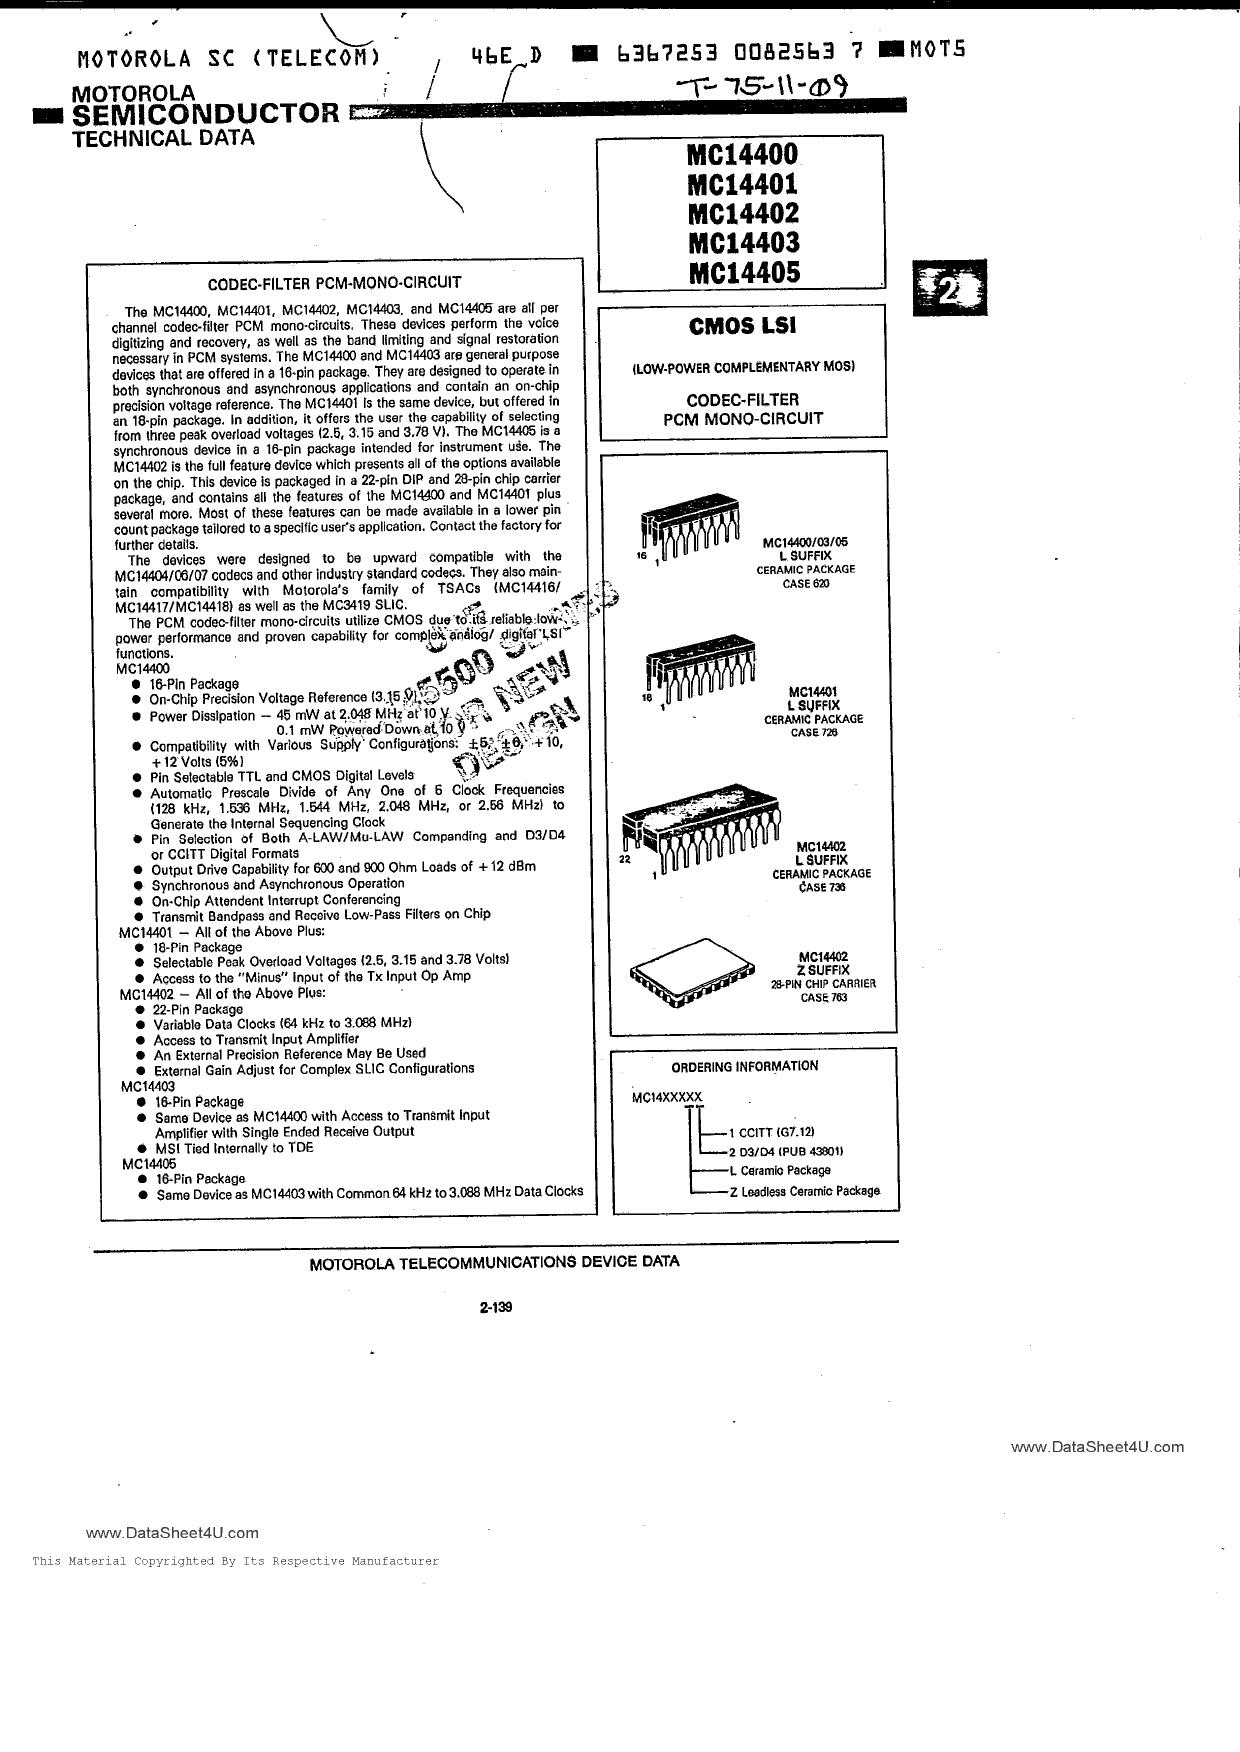 MC14401 datasheet pinout